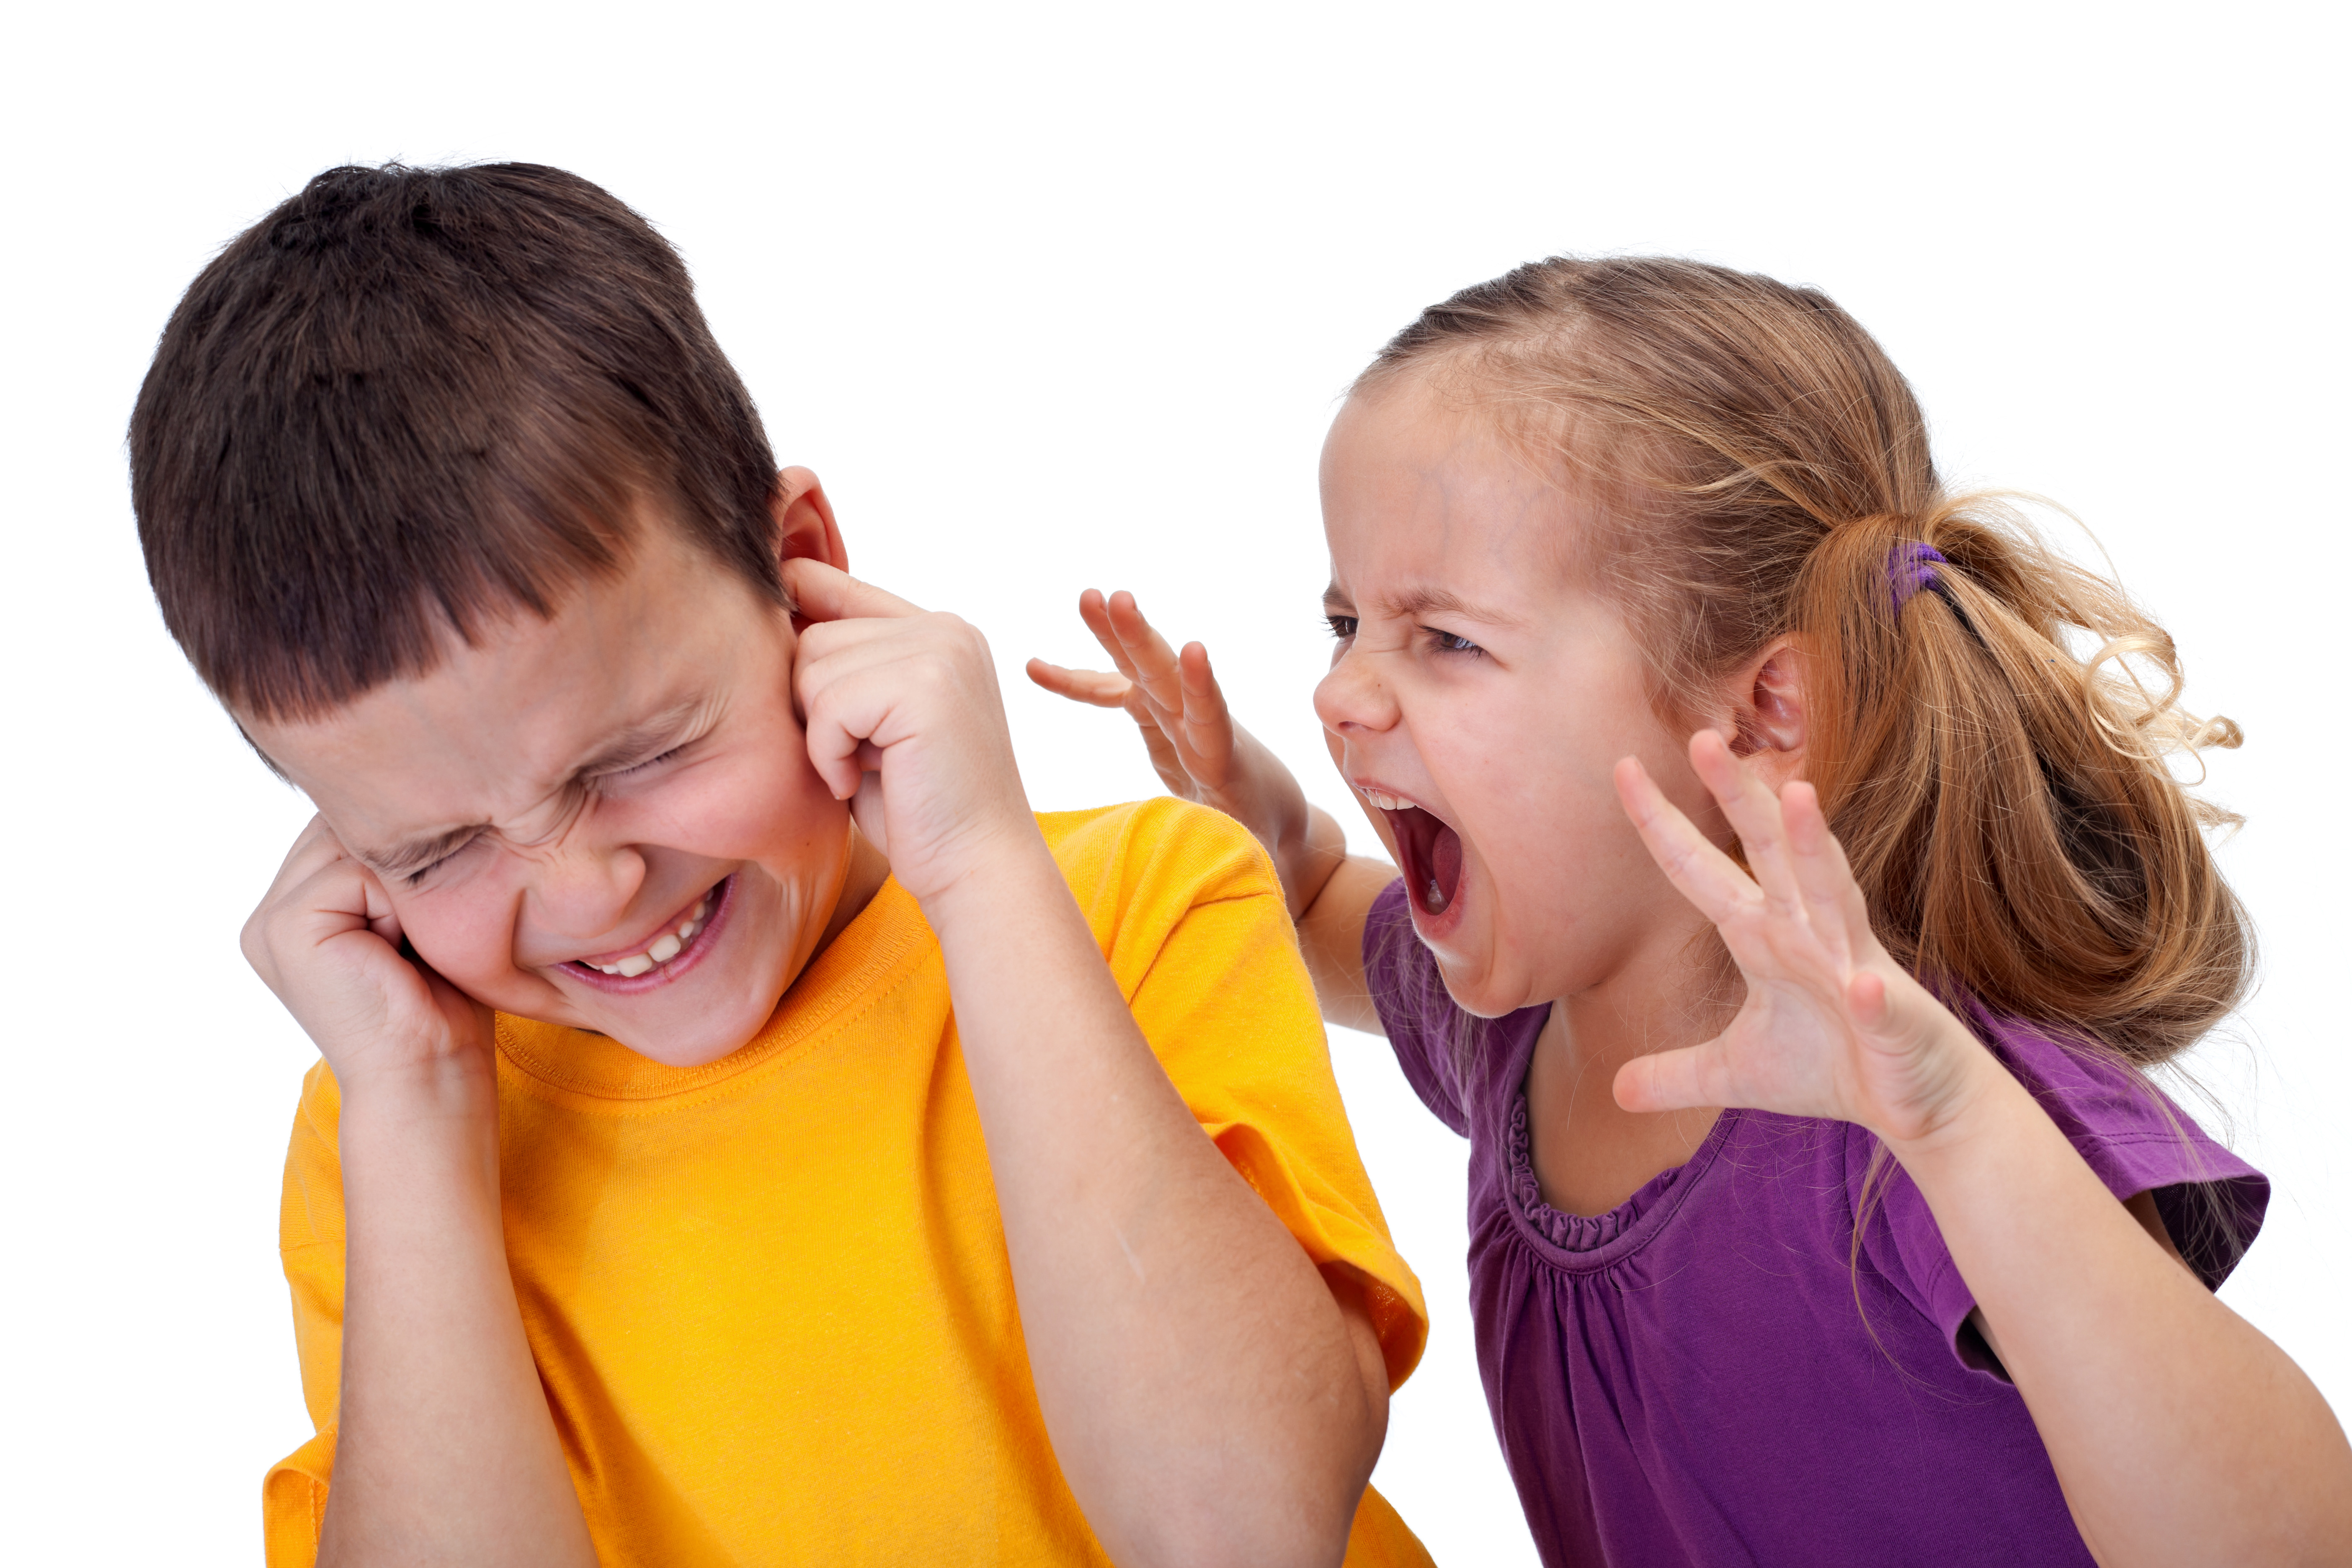 дети копируют поведение взрослых